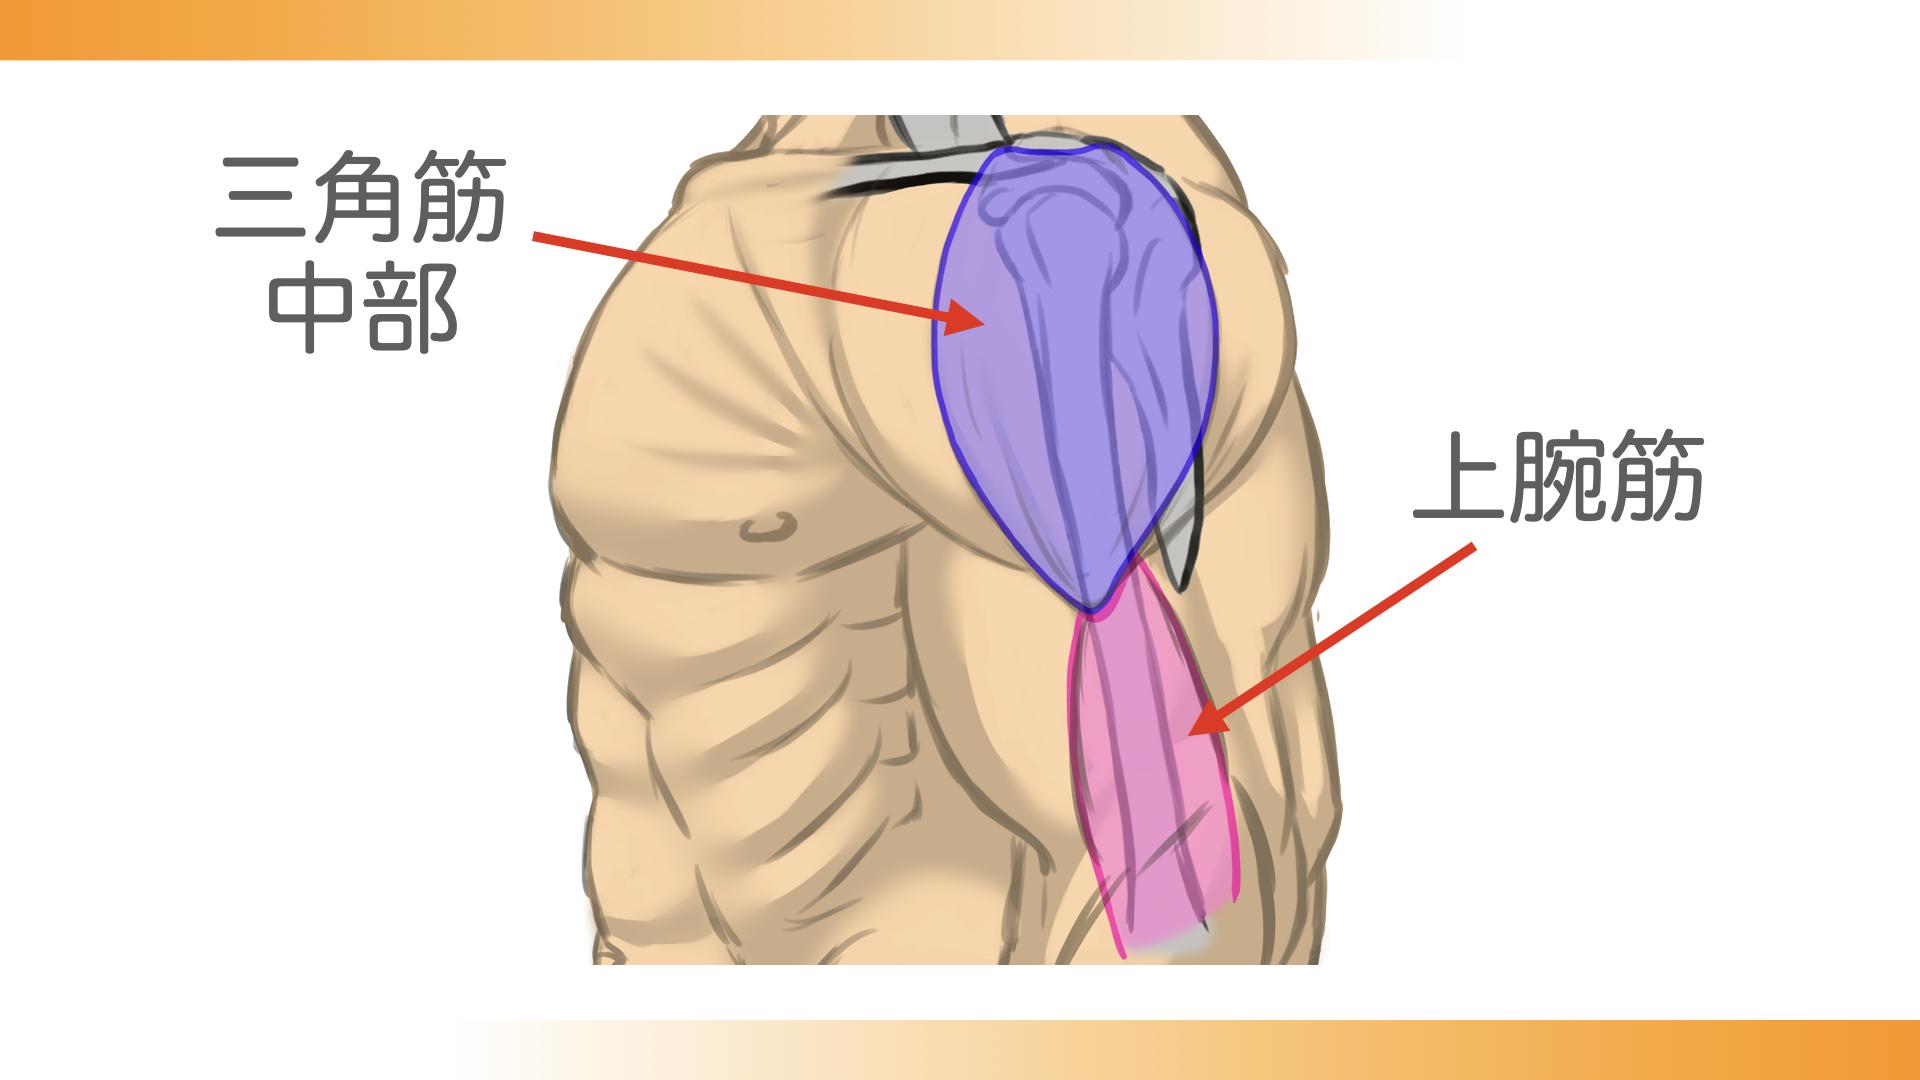 三角筋中部が三角筋粗面につながっている下に上腕筋がつながっています。